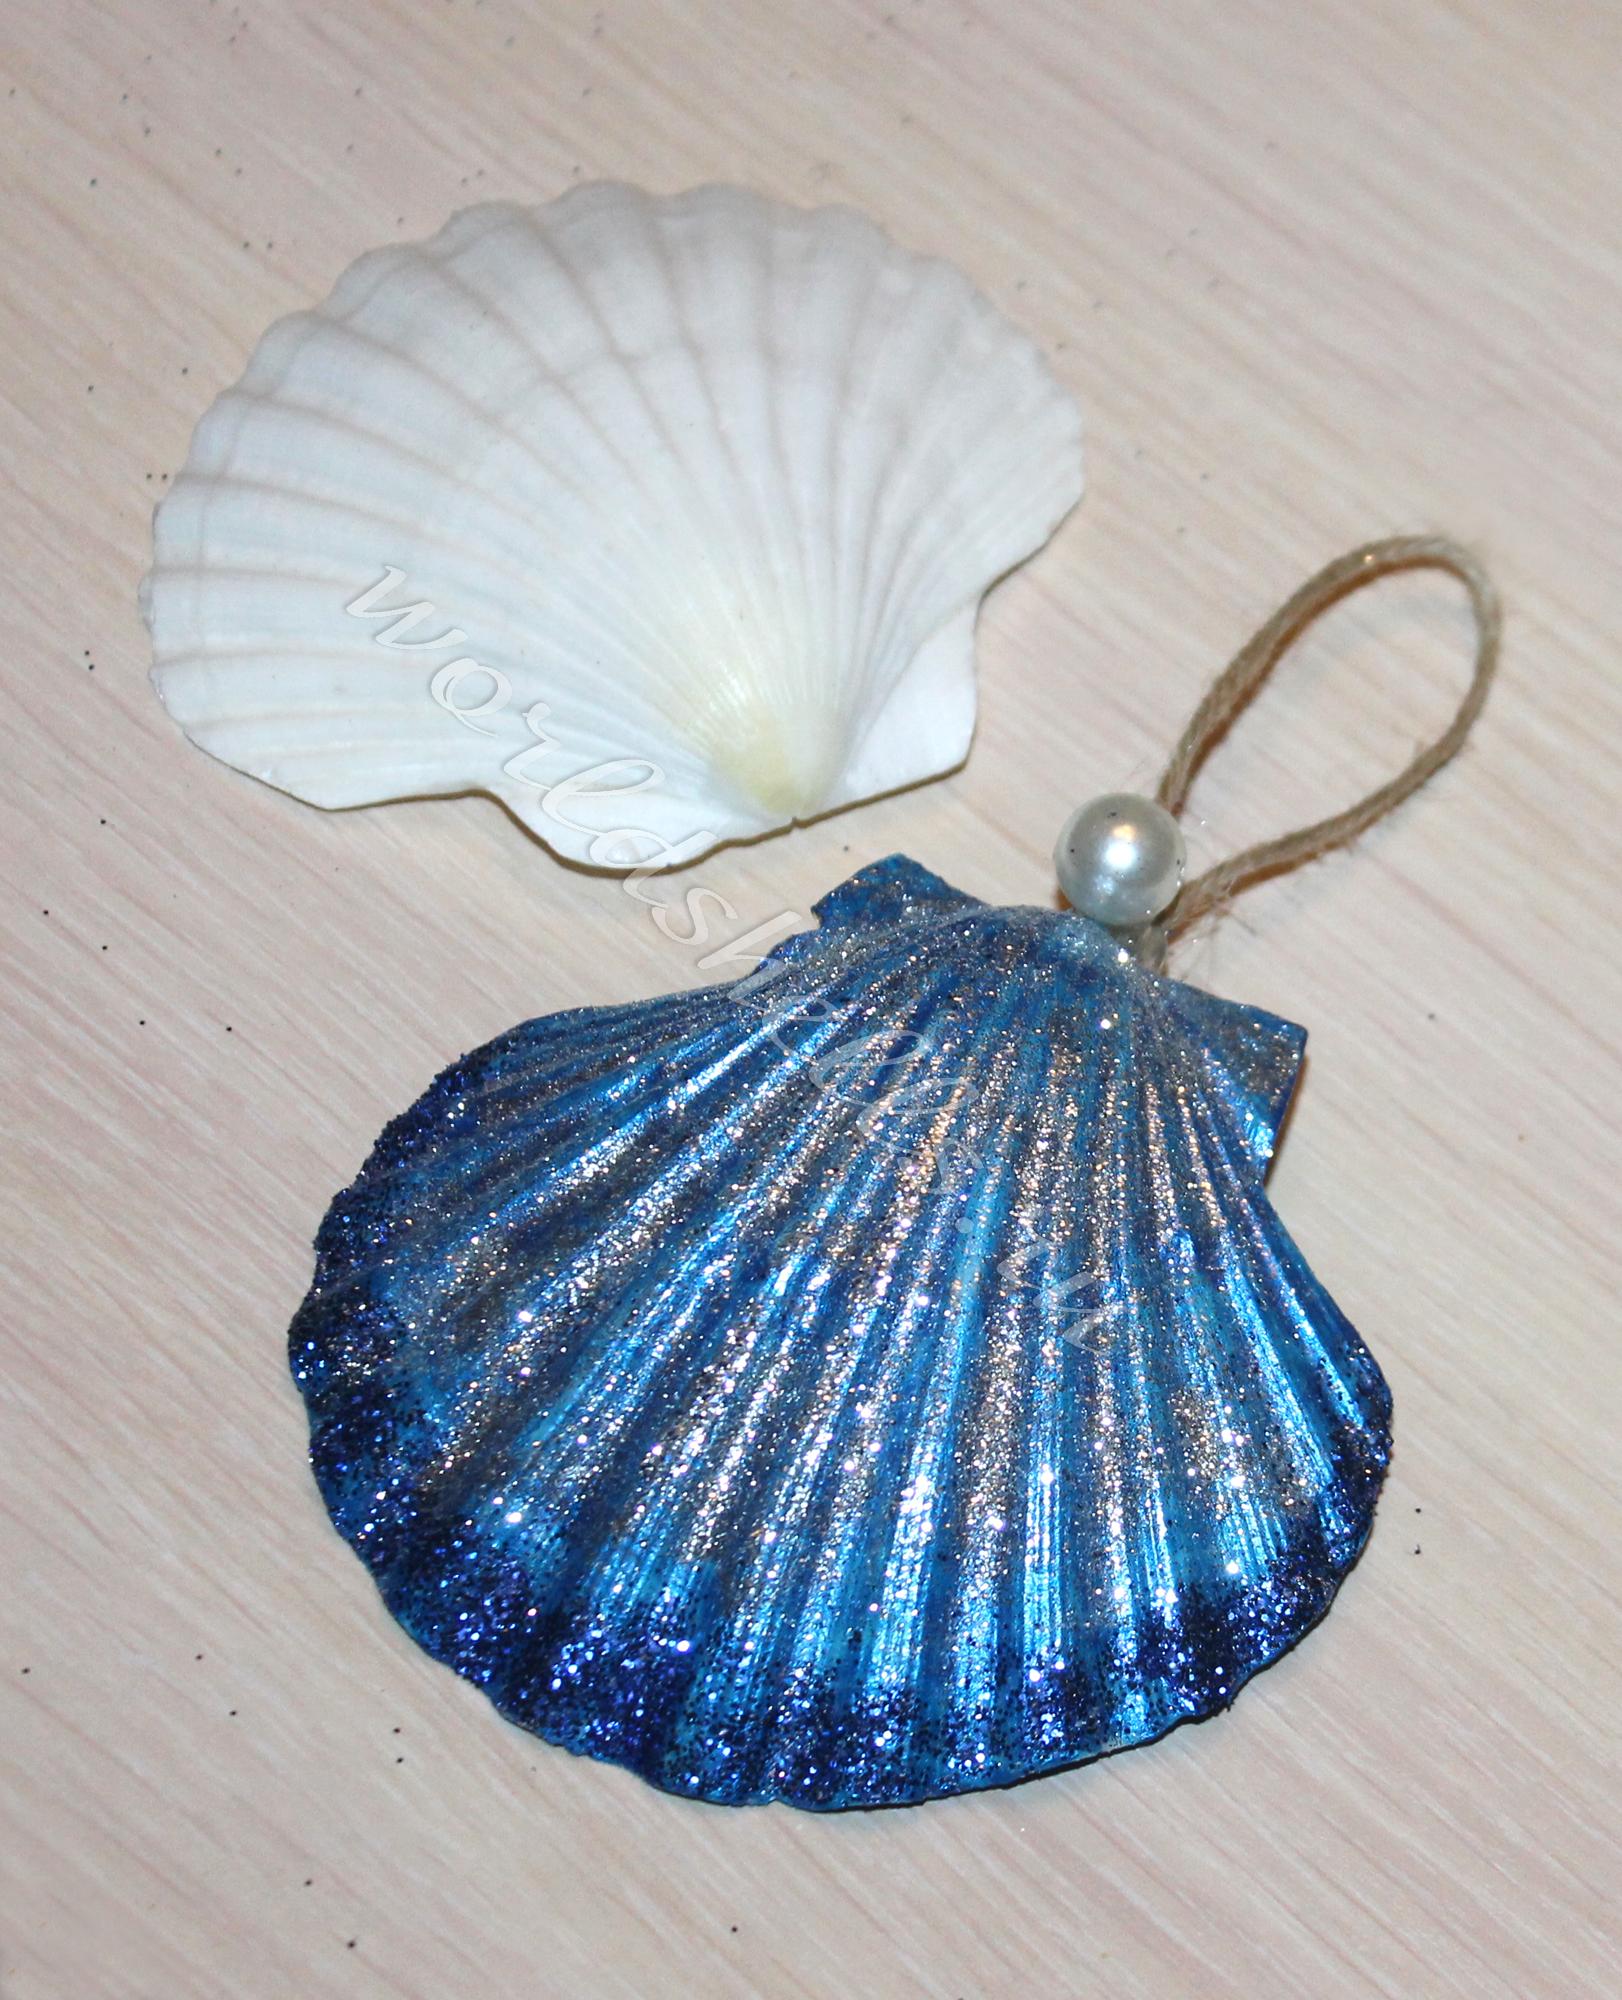 Елочная игрушка на елку из морской ракушки